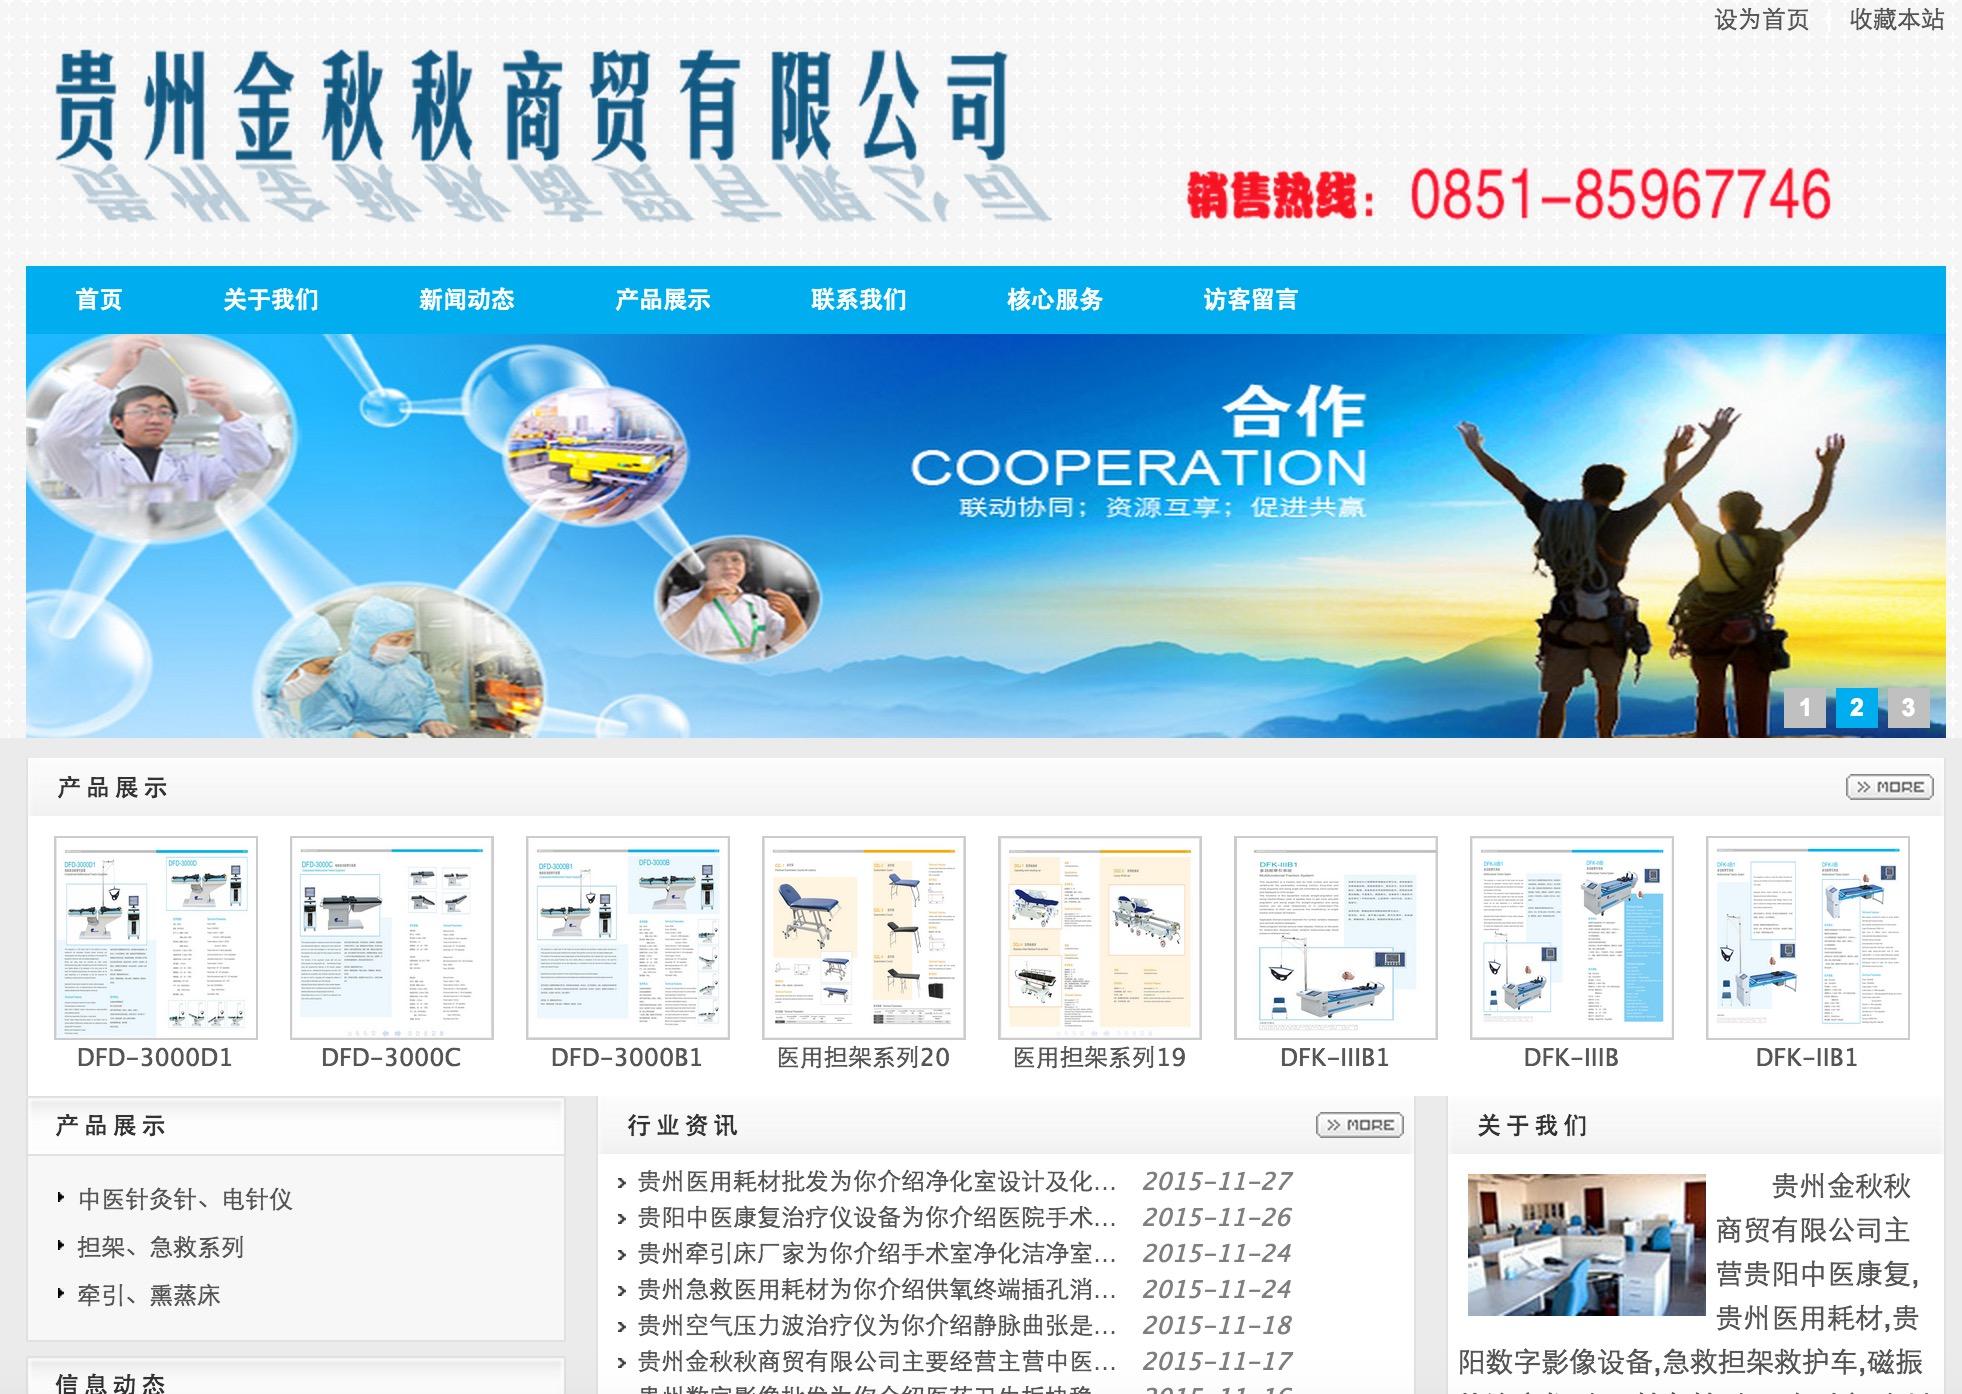 贵阳中医康复保健设备厂家与富海360签约合作